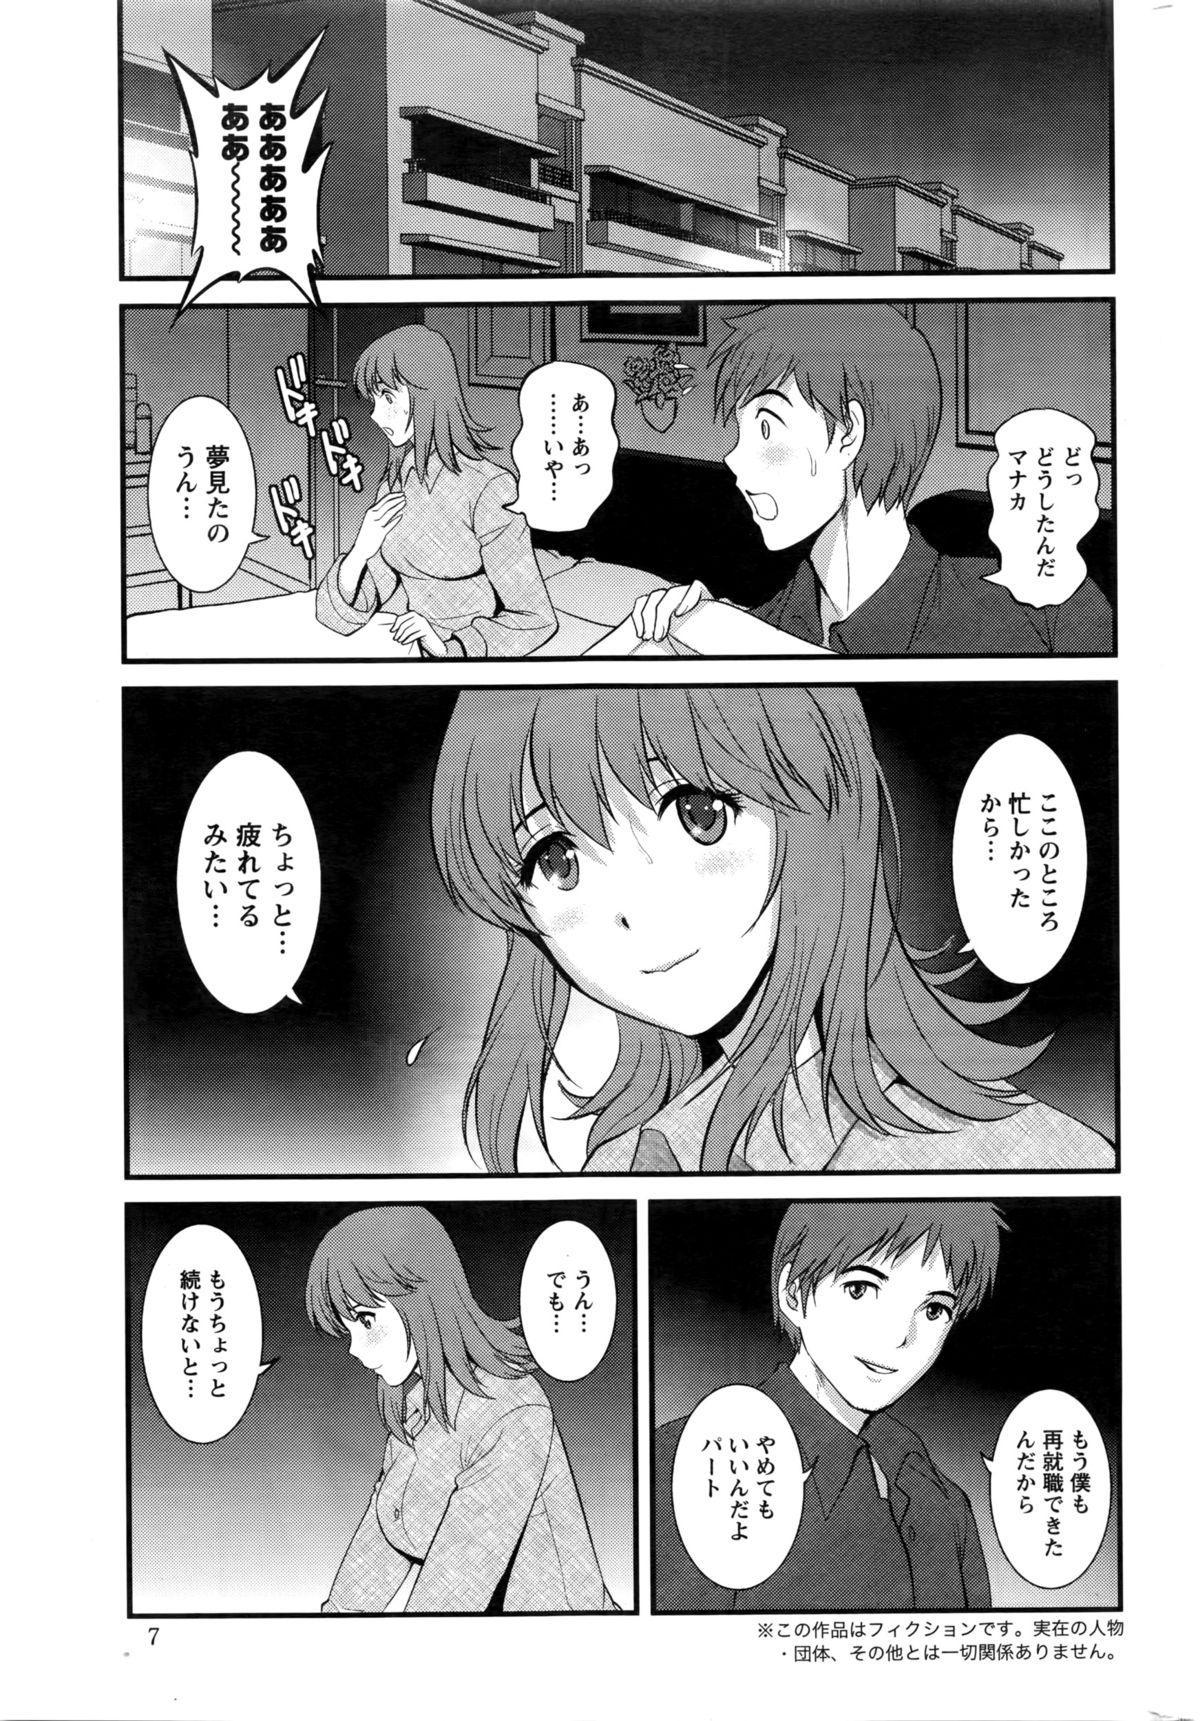 [Saigado] Part time Manaka-san 2nd Ch. 1-3 4